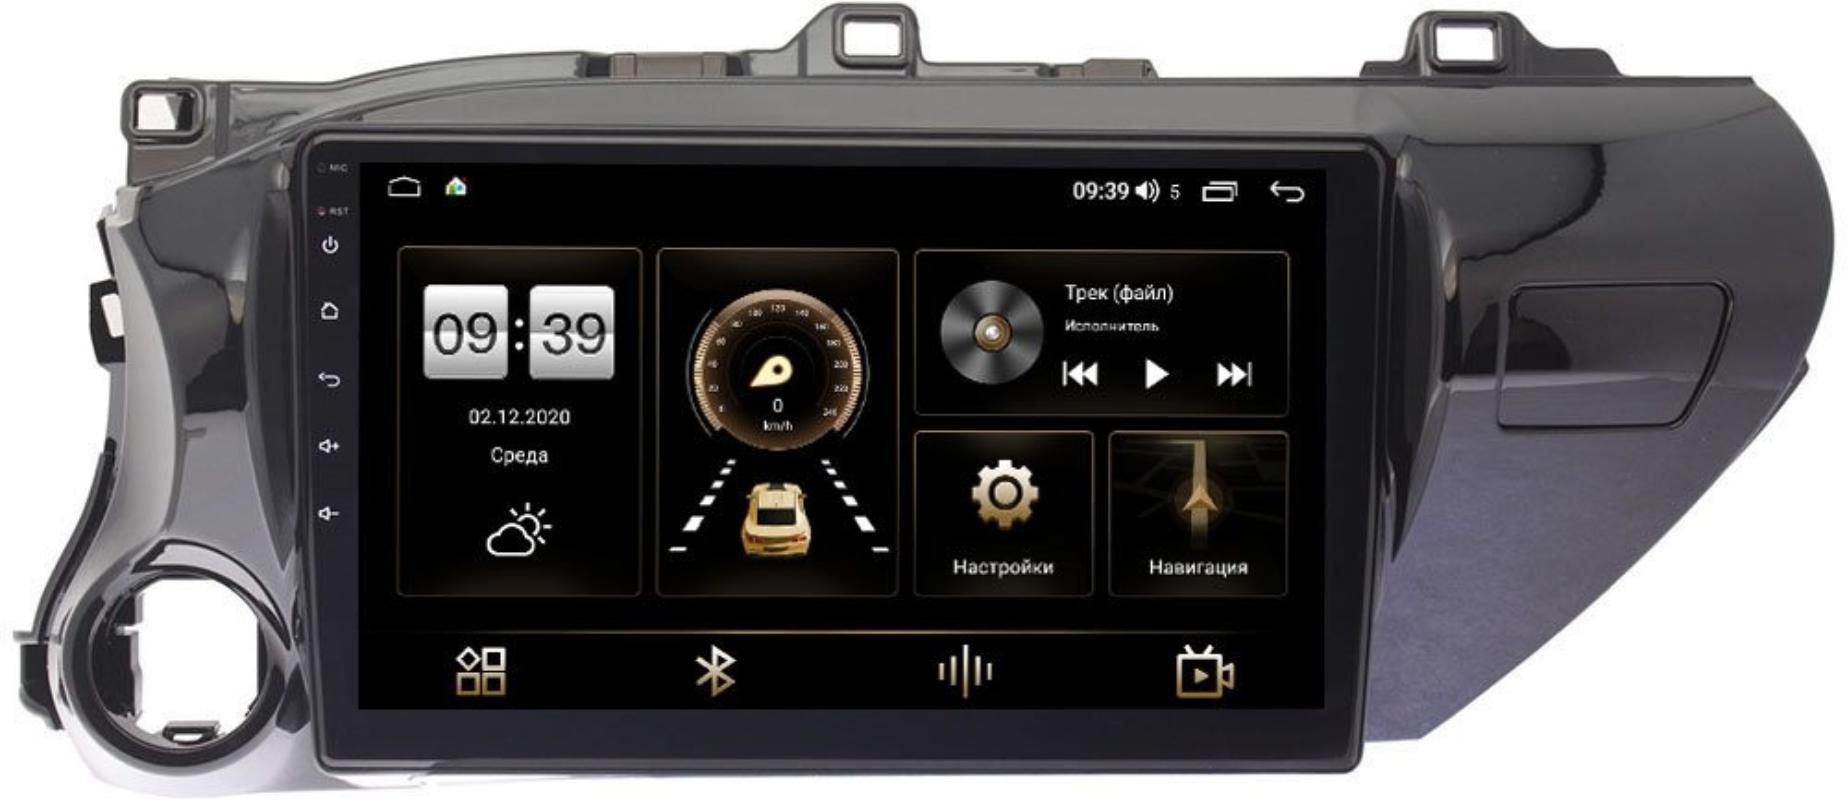 Штатная магнитола Toyota Hilux VIII 2015-2021 LeTrun 4165-1056 на Android 10 (4G-SIM, 3/32, DSP, QLed) (для любой комплектации) (+ Камера заднего вида в подарок!)